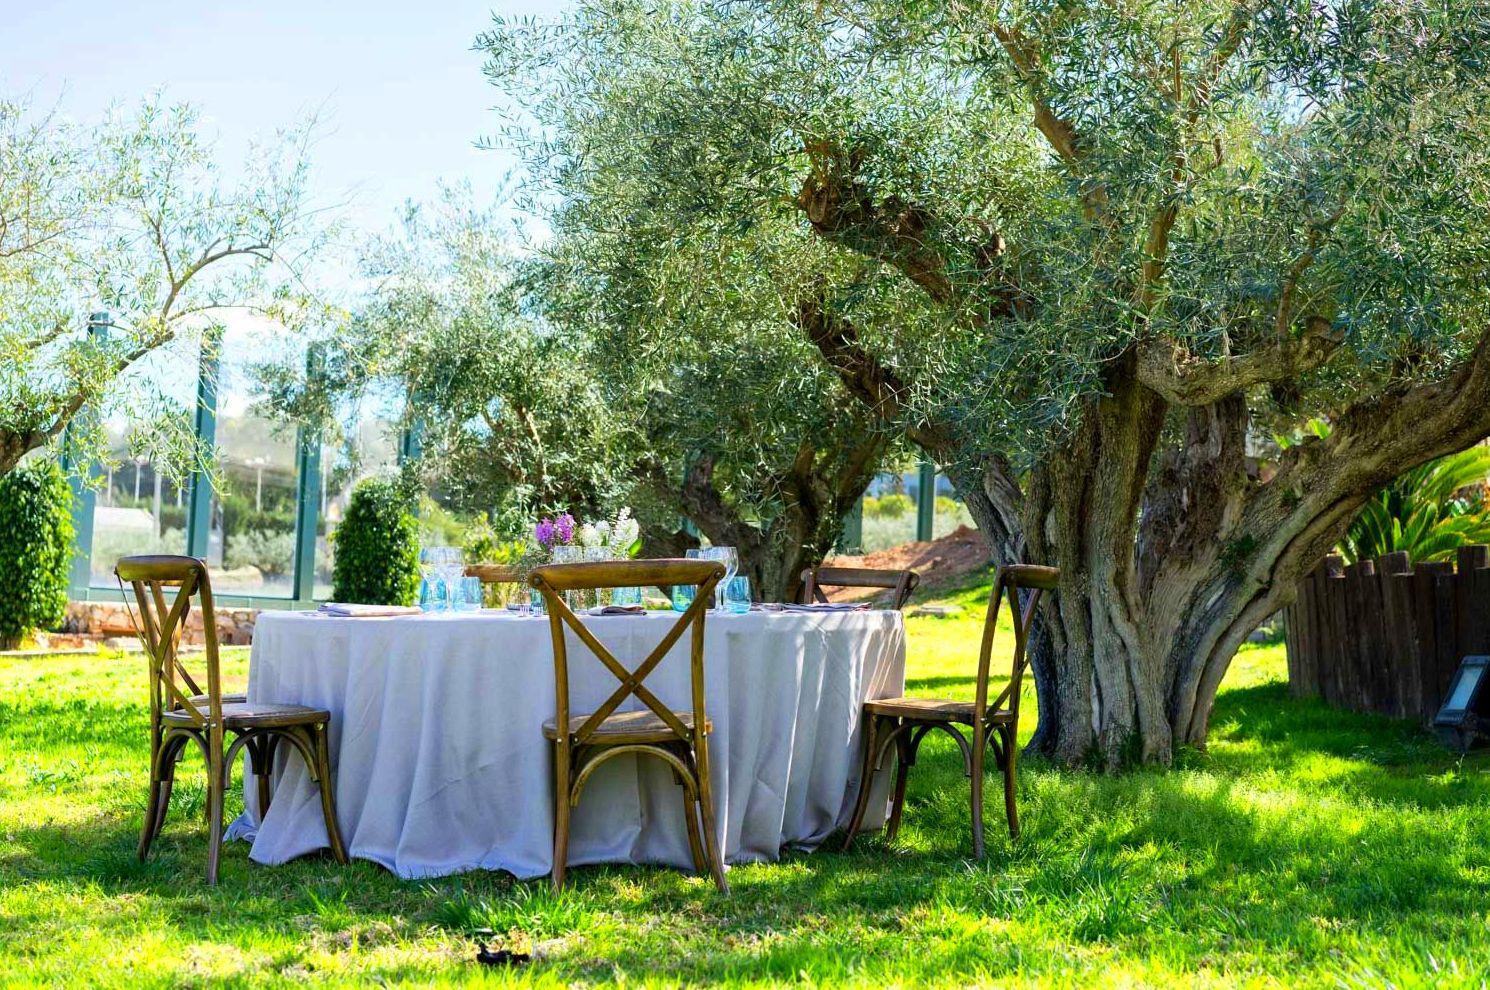 Foto 66 de Alquiler de sillas, mesas y menaje en  | Mantelería & Menaje